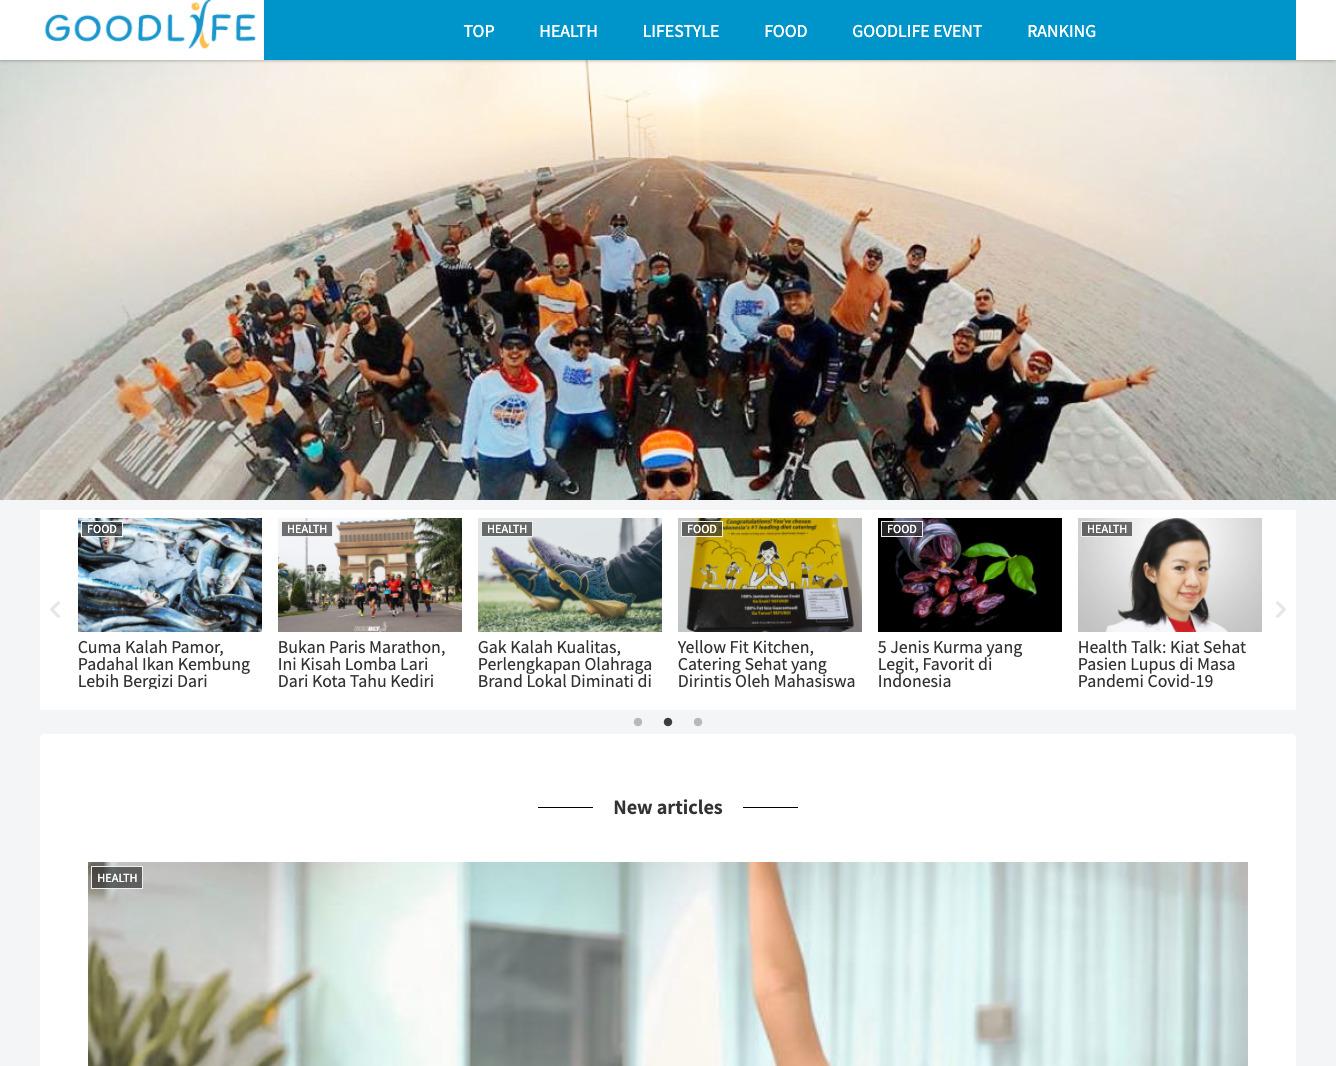 GOODLIFE Web Image